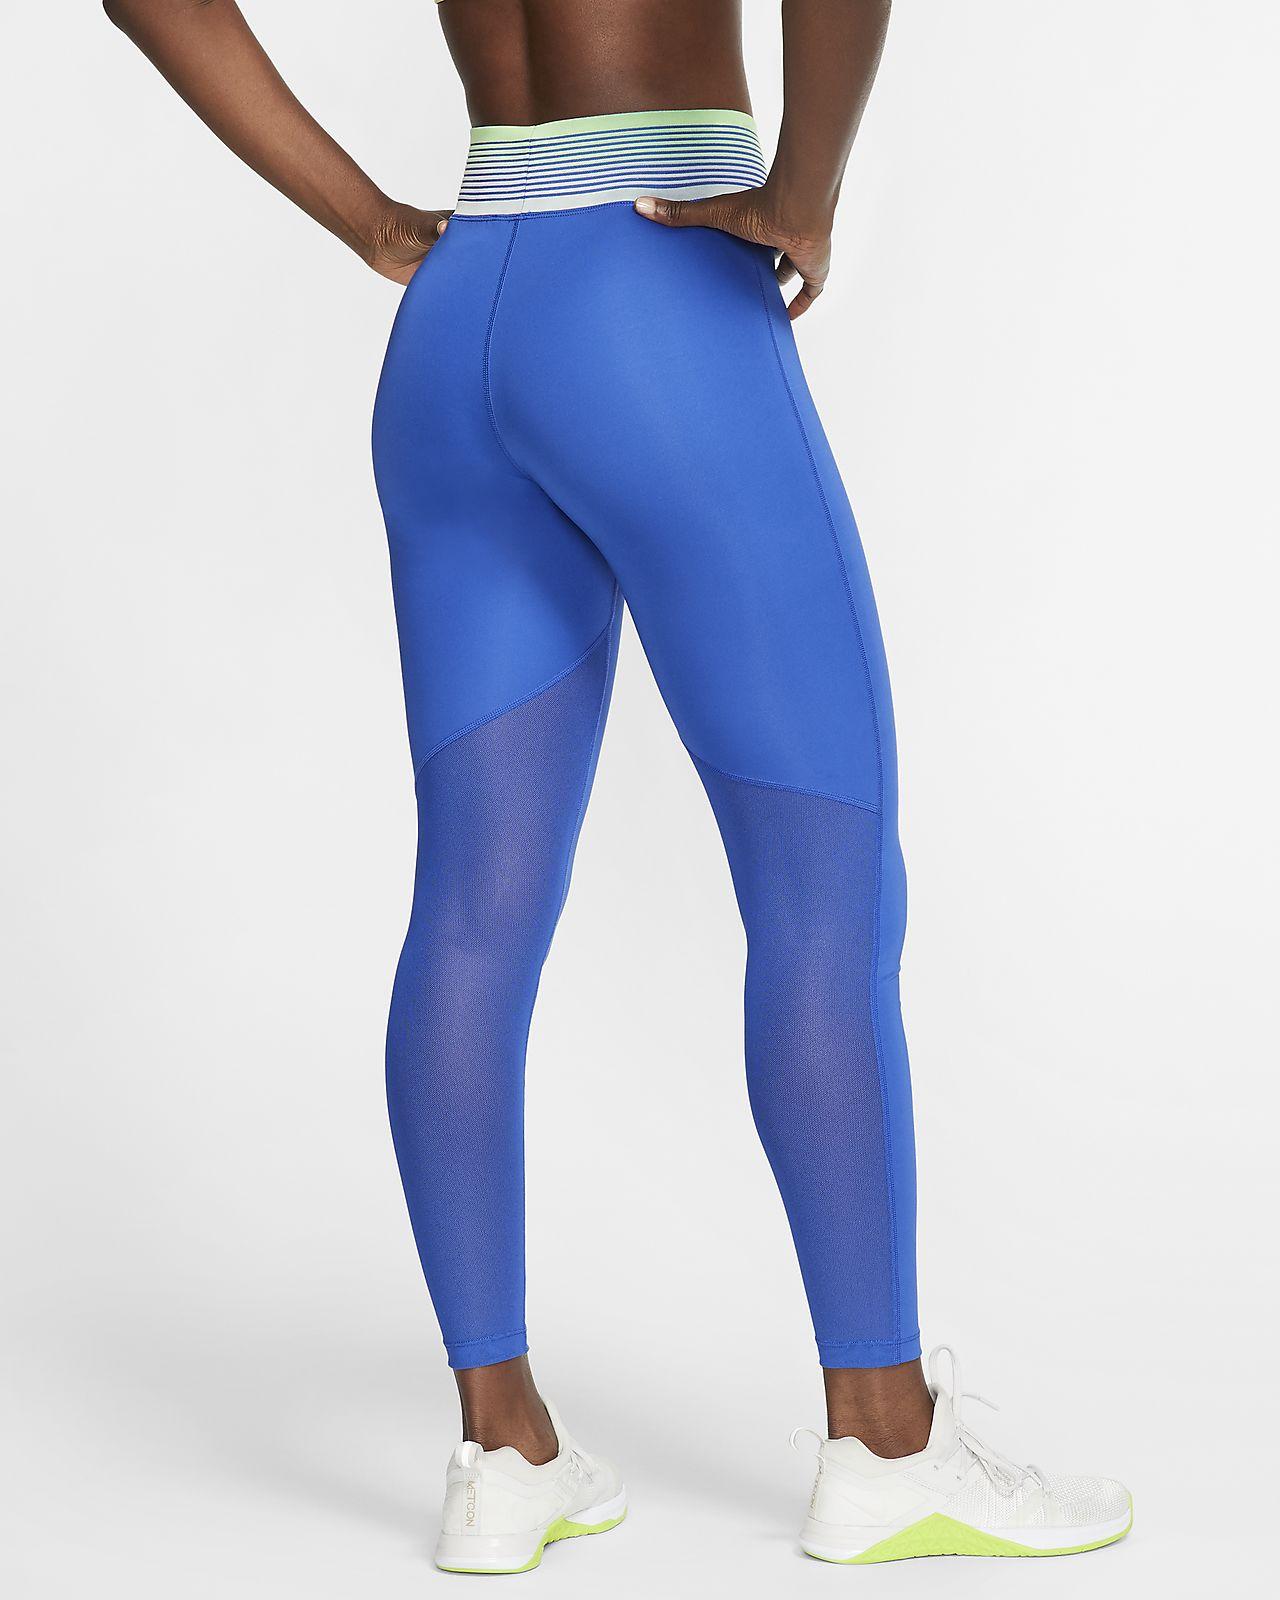 legging nike bleu femme